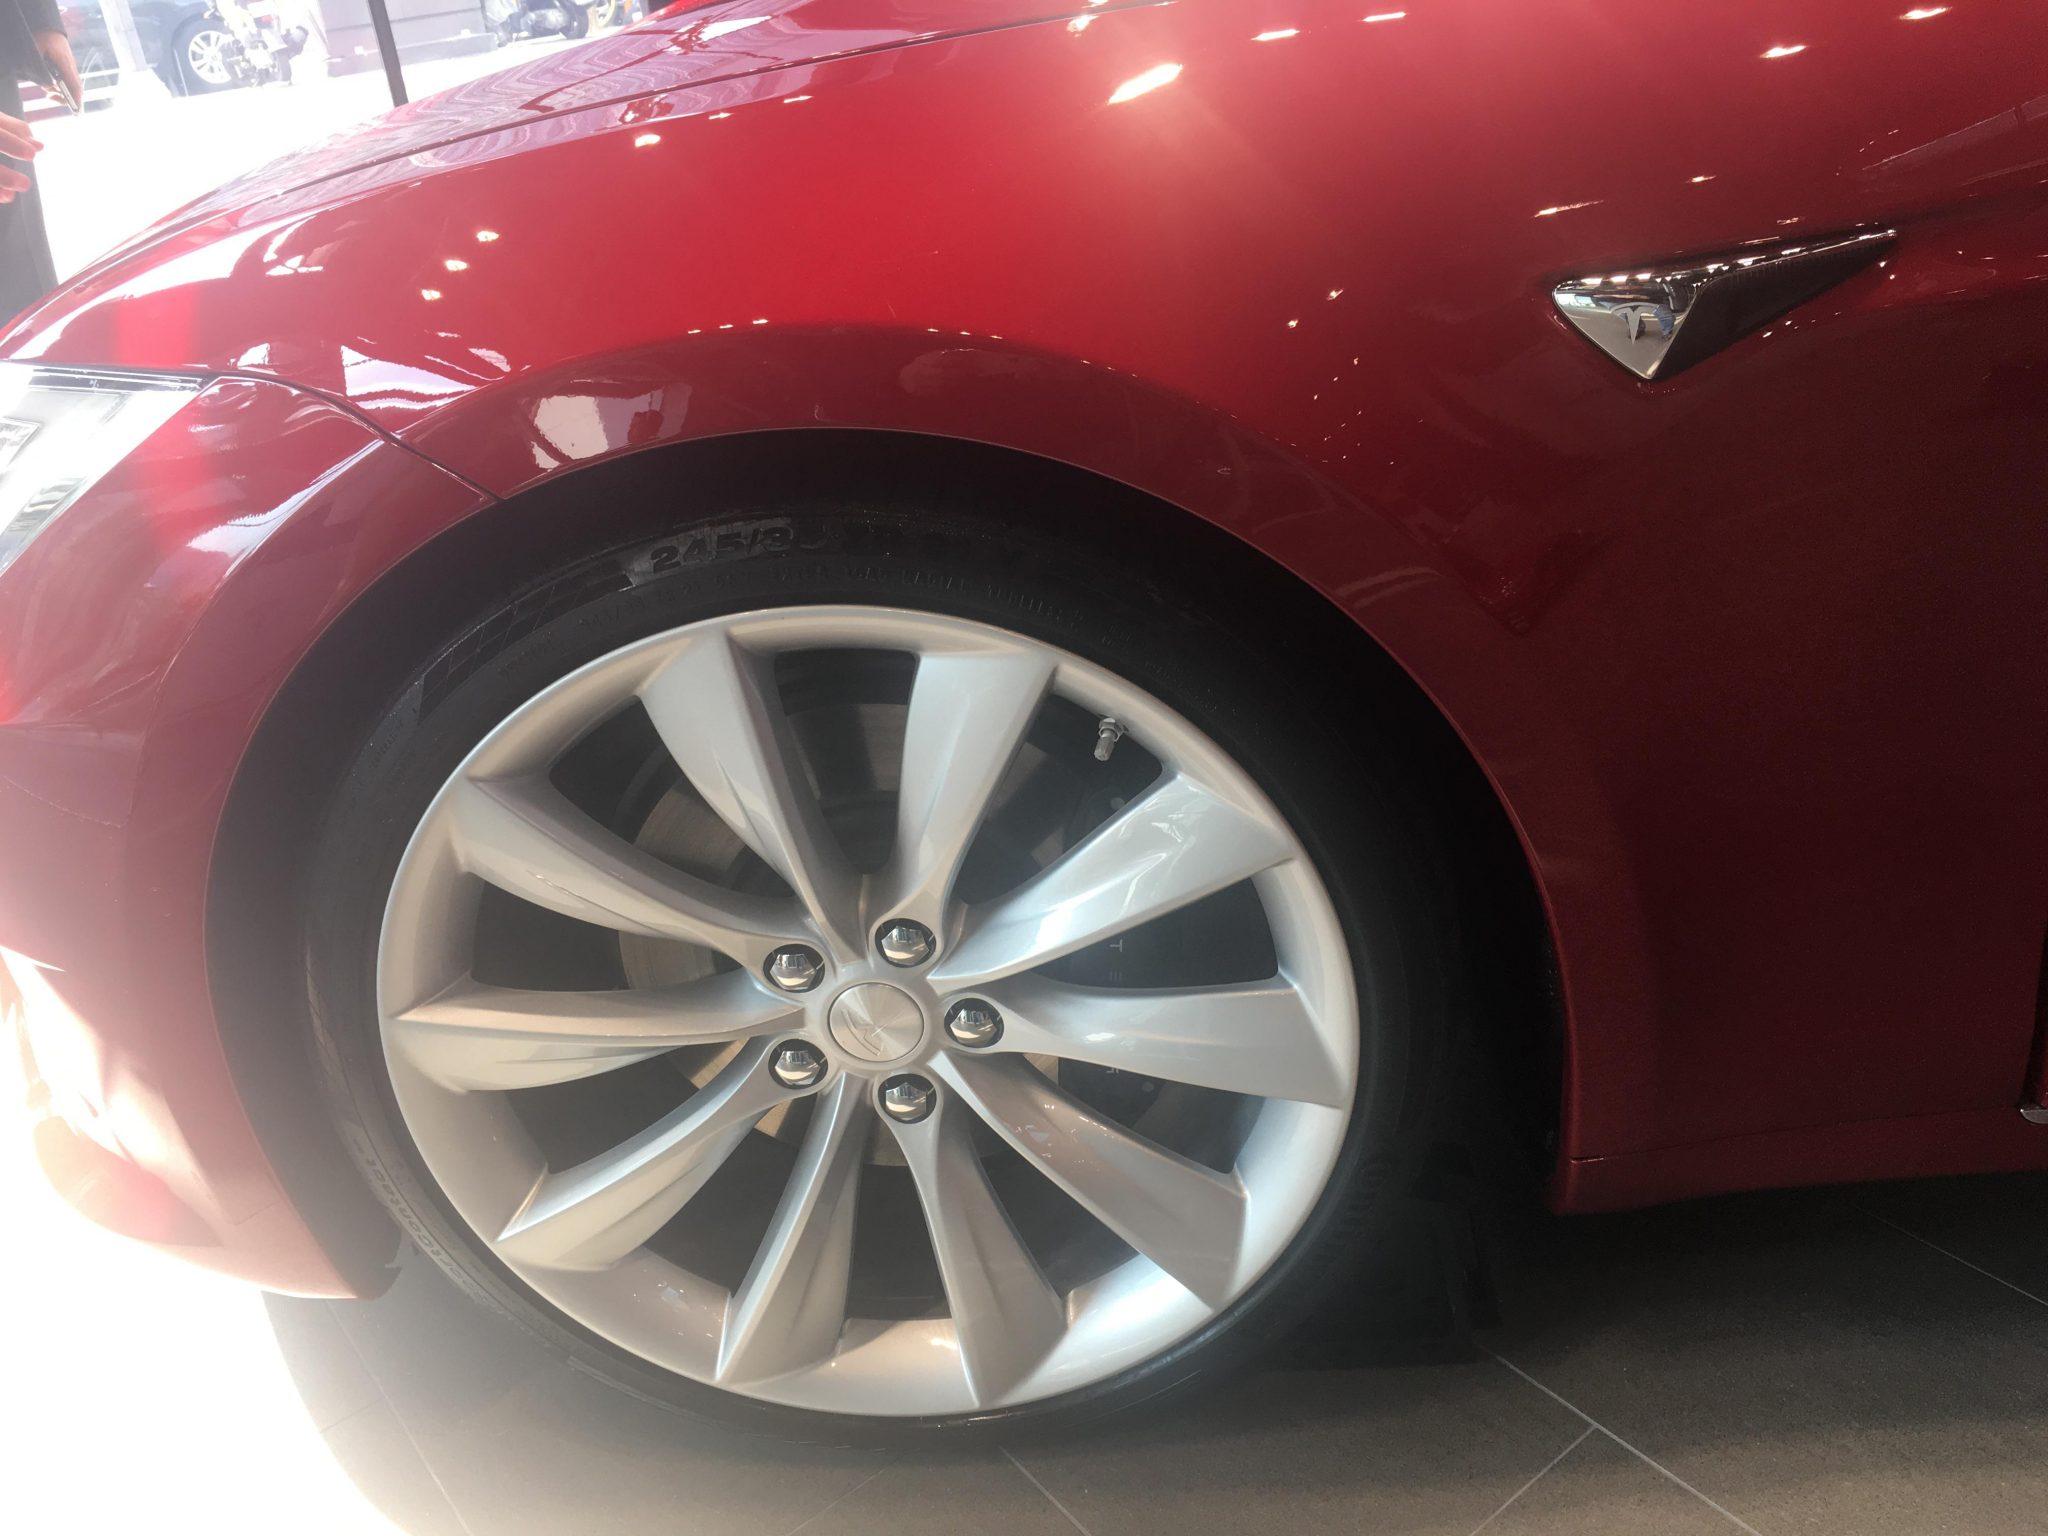 테슬라 모델 S 휠